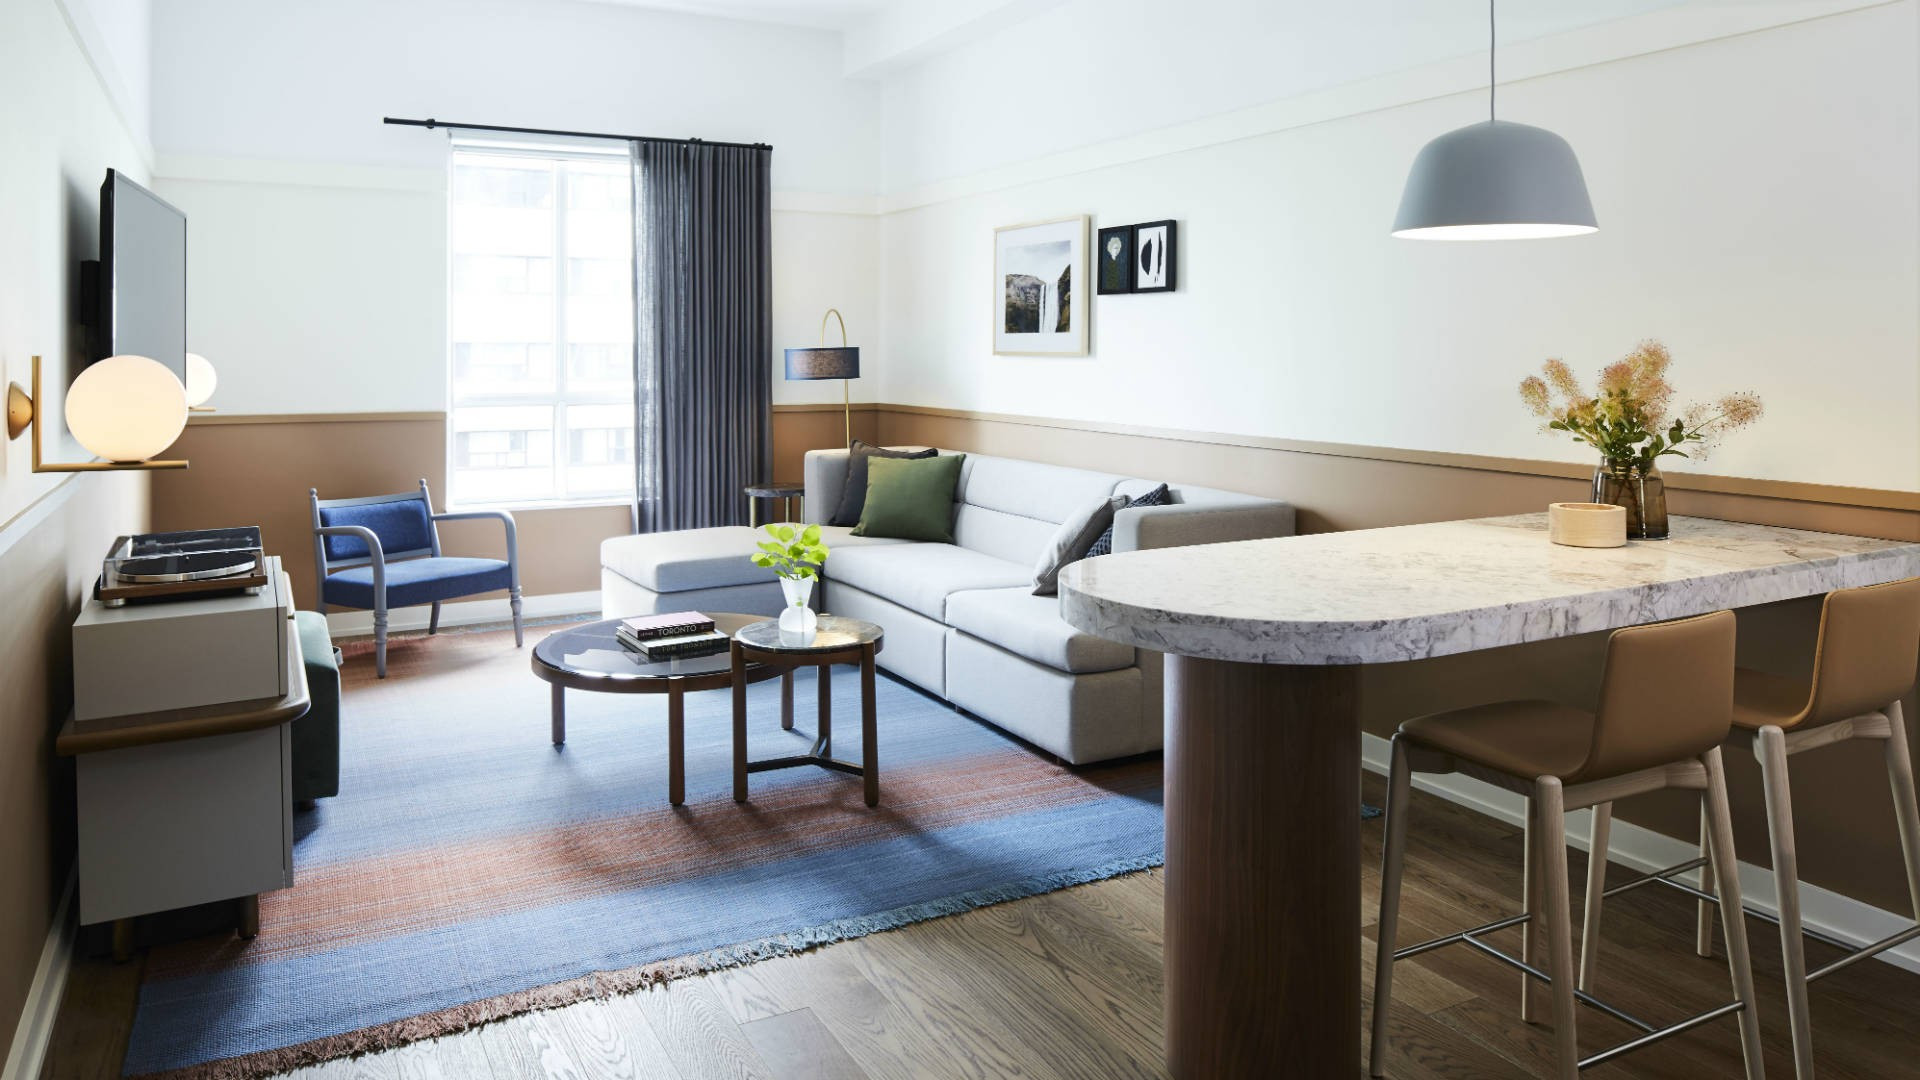 Best hotels Toronto staycation | Kimpton Saint George bedroom suite